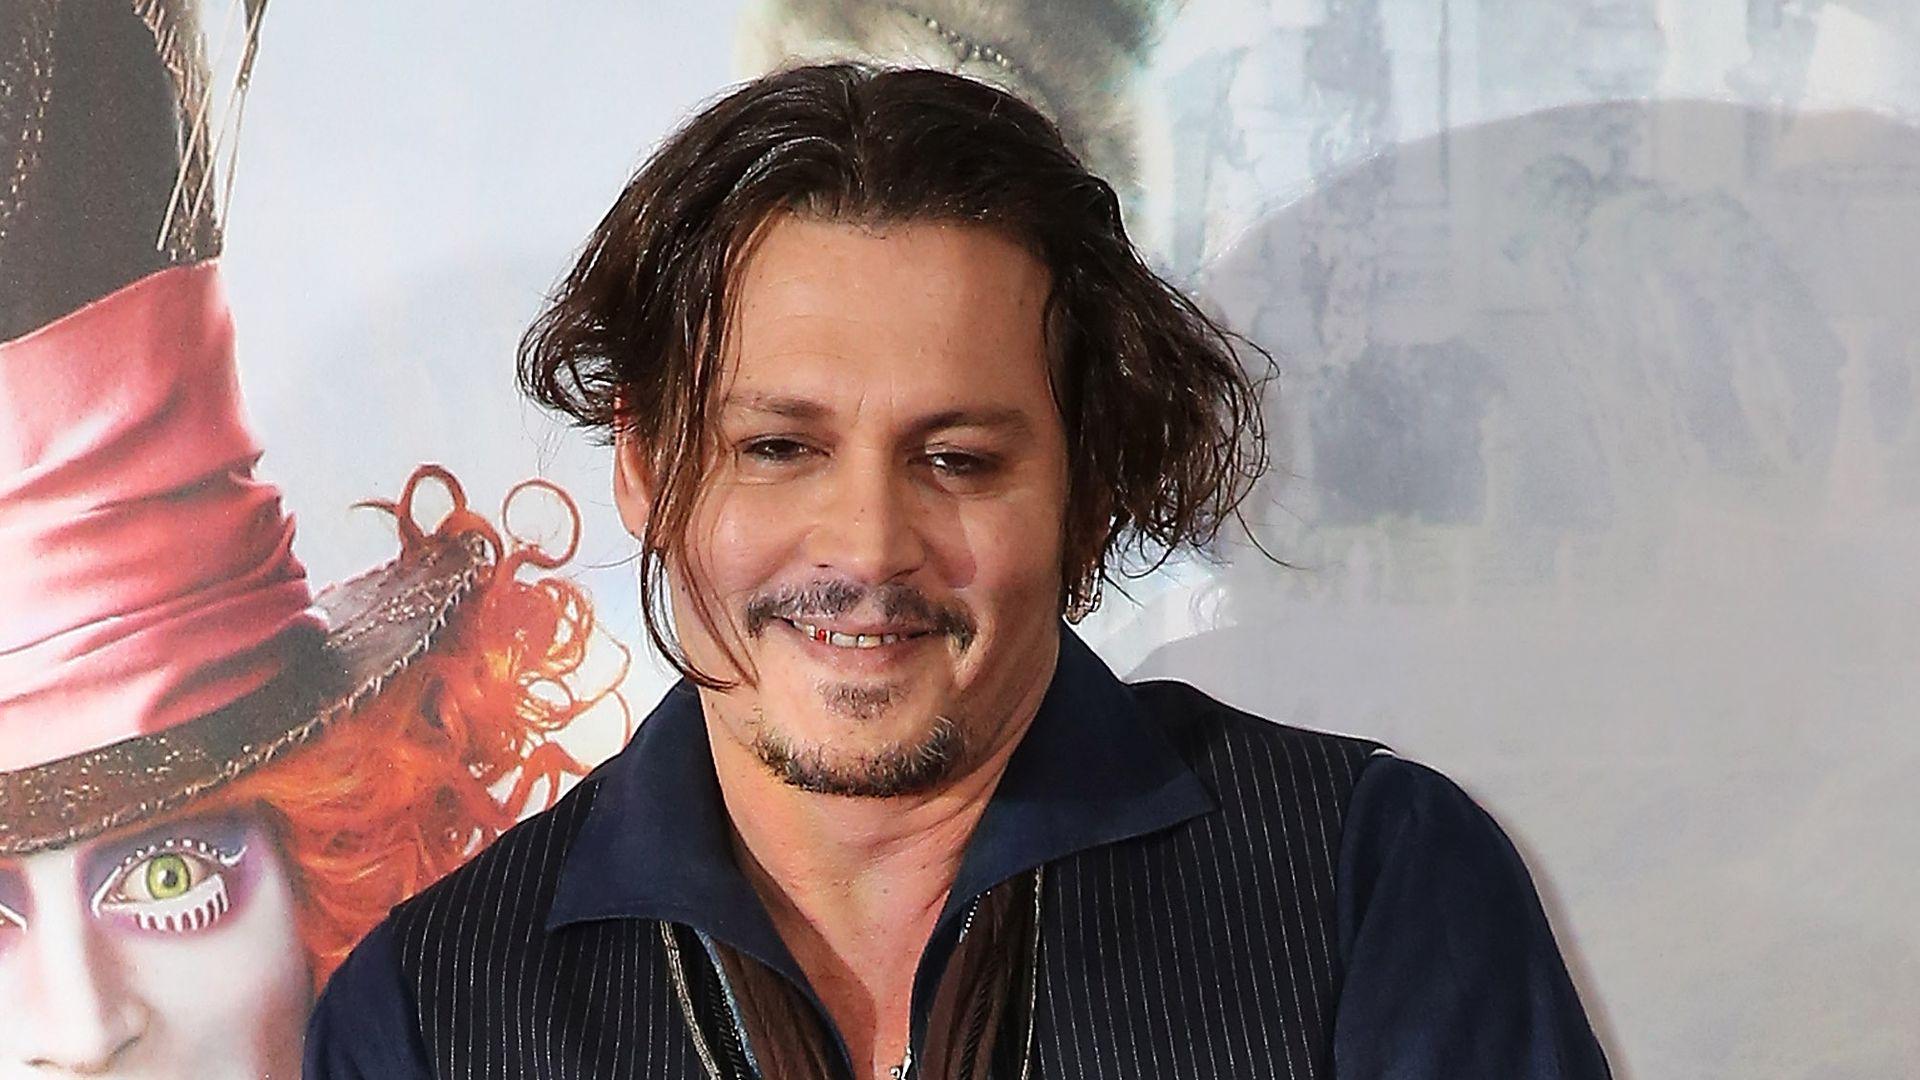 Scherzkeks: Johnny Depp macht Pressekonferenz zur Lach ... Johnny Depp/newspaper Articles